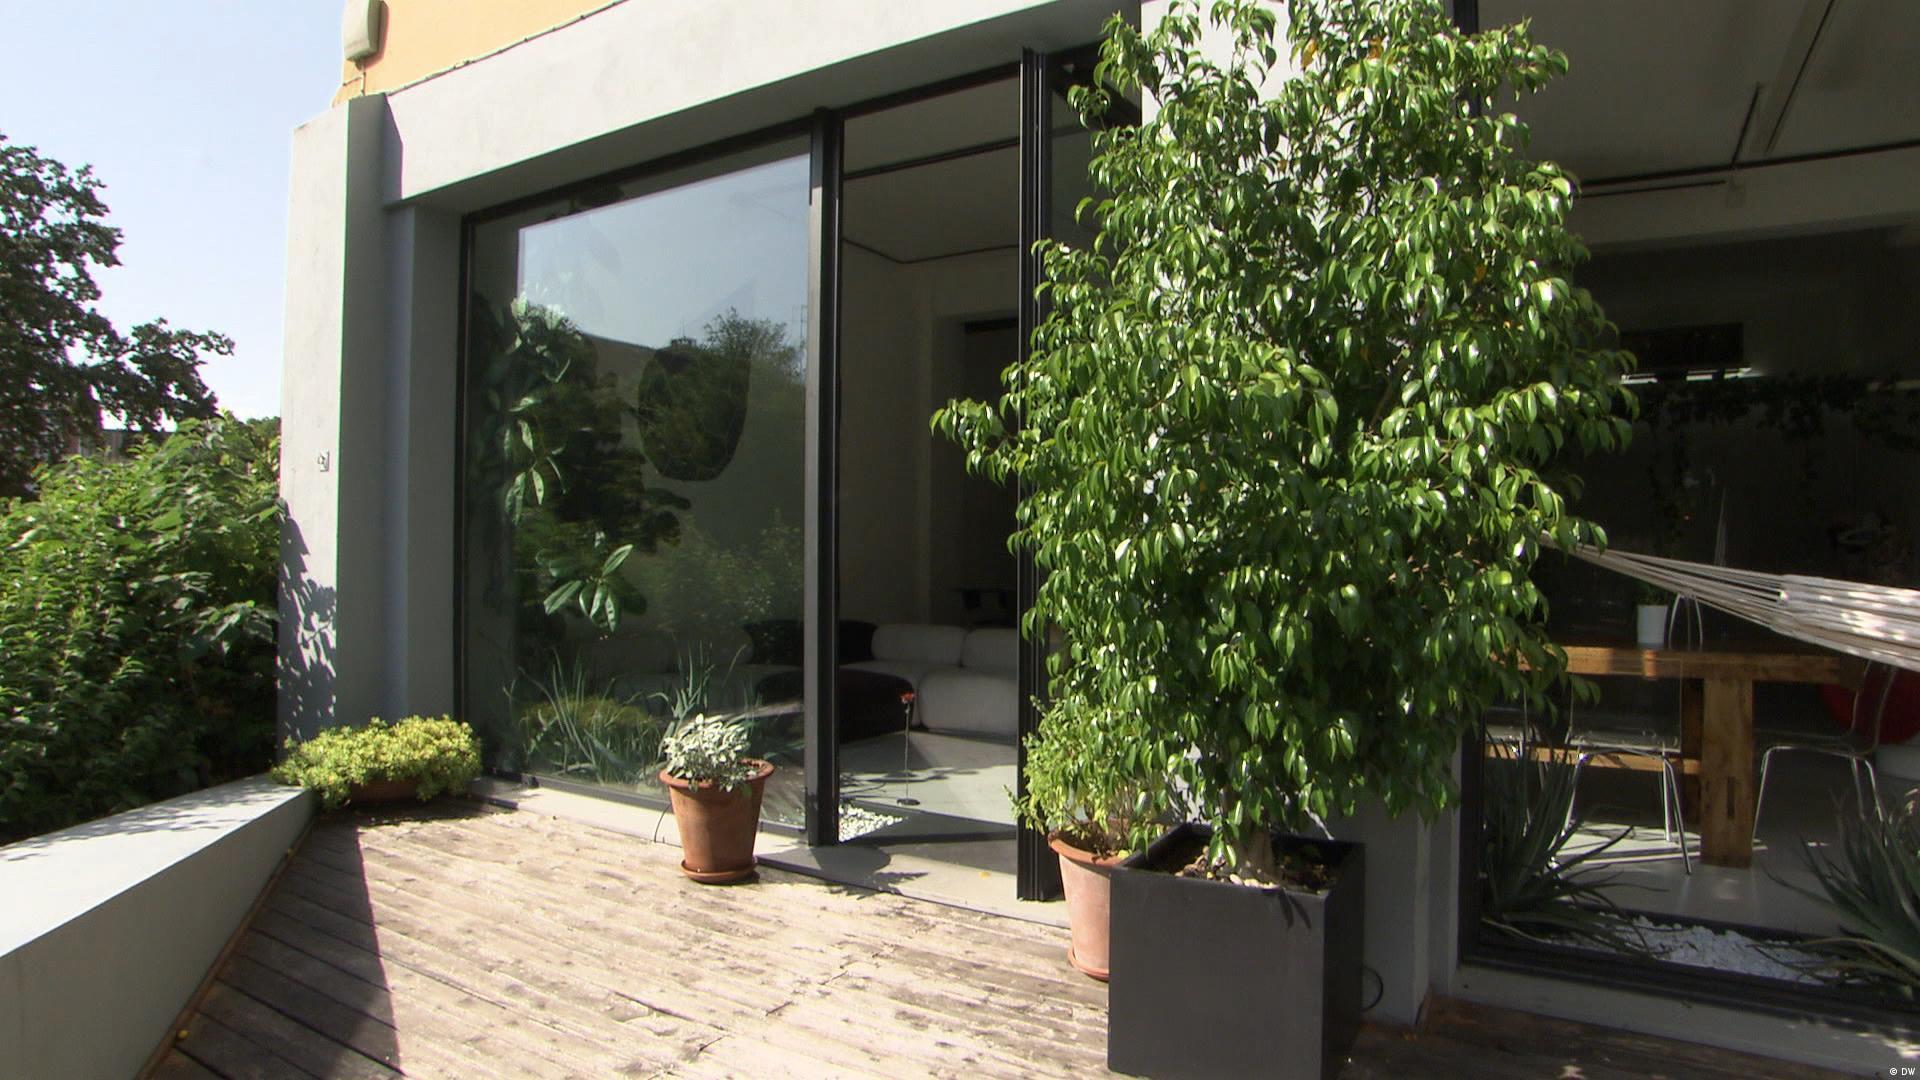 Von Der Garage Zur Designer Wohnung | Euromaxx Ambiente | DW | 09.05.2018